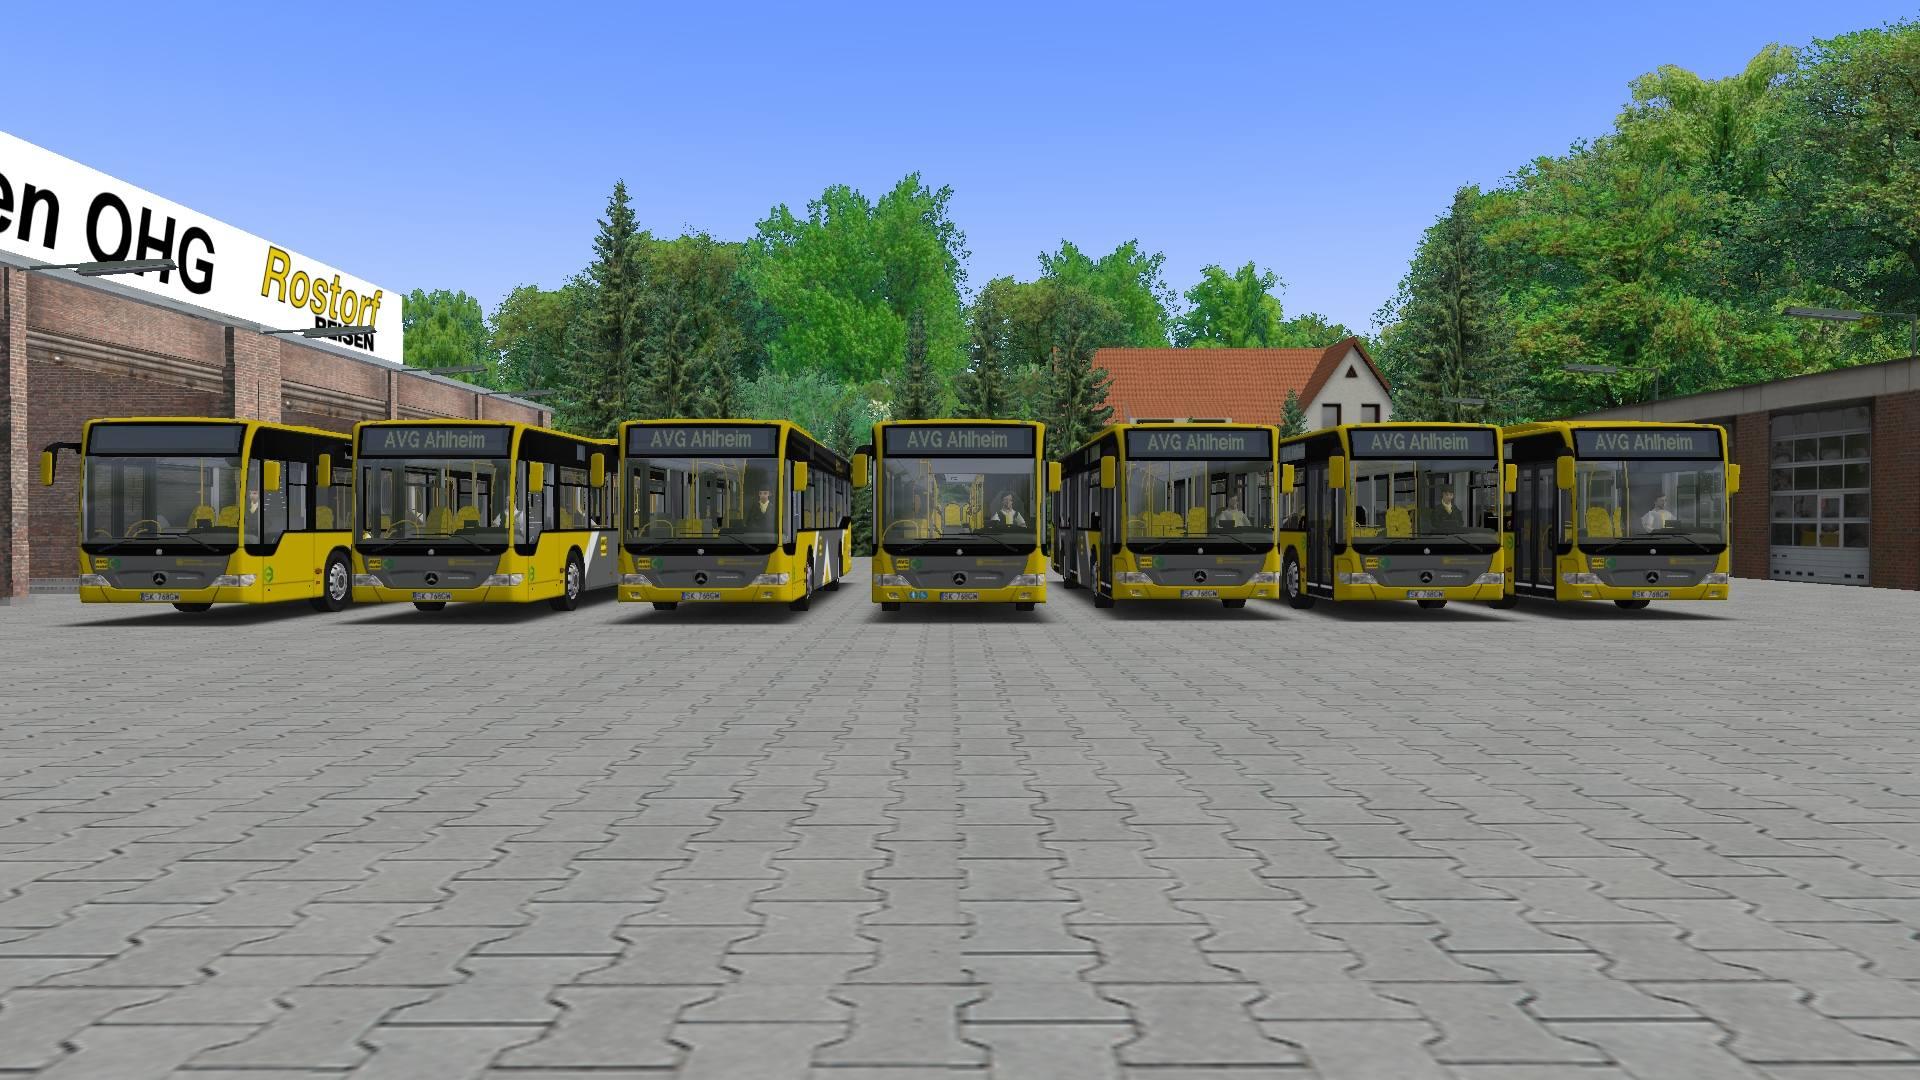 77140-omsi2-20210501-202408-autoscaled-jpg